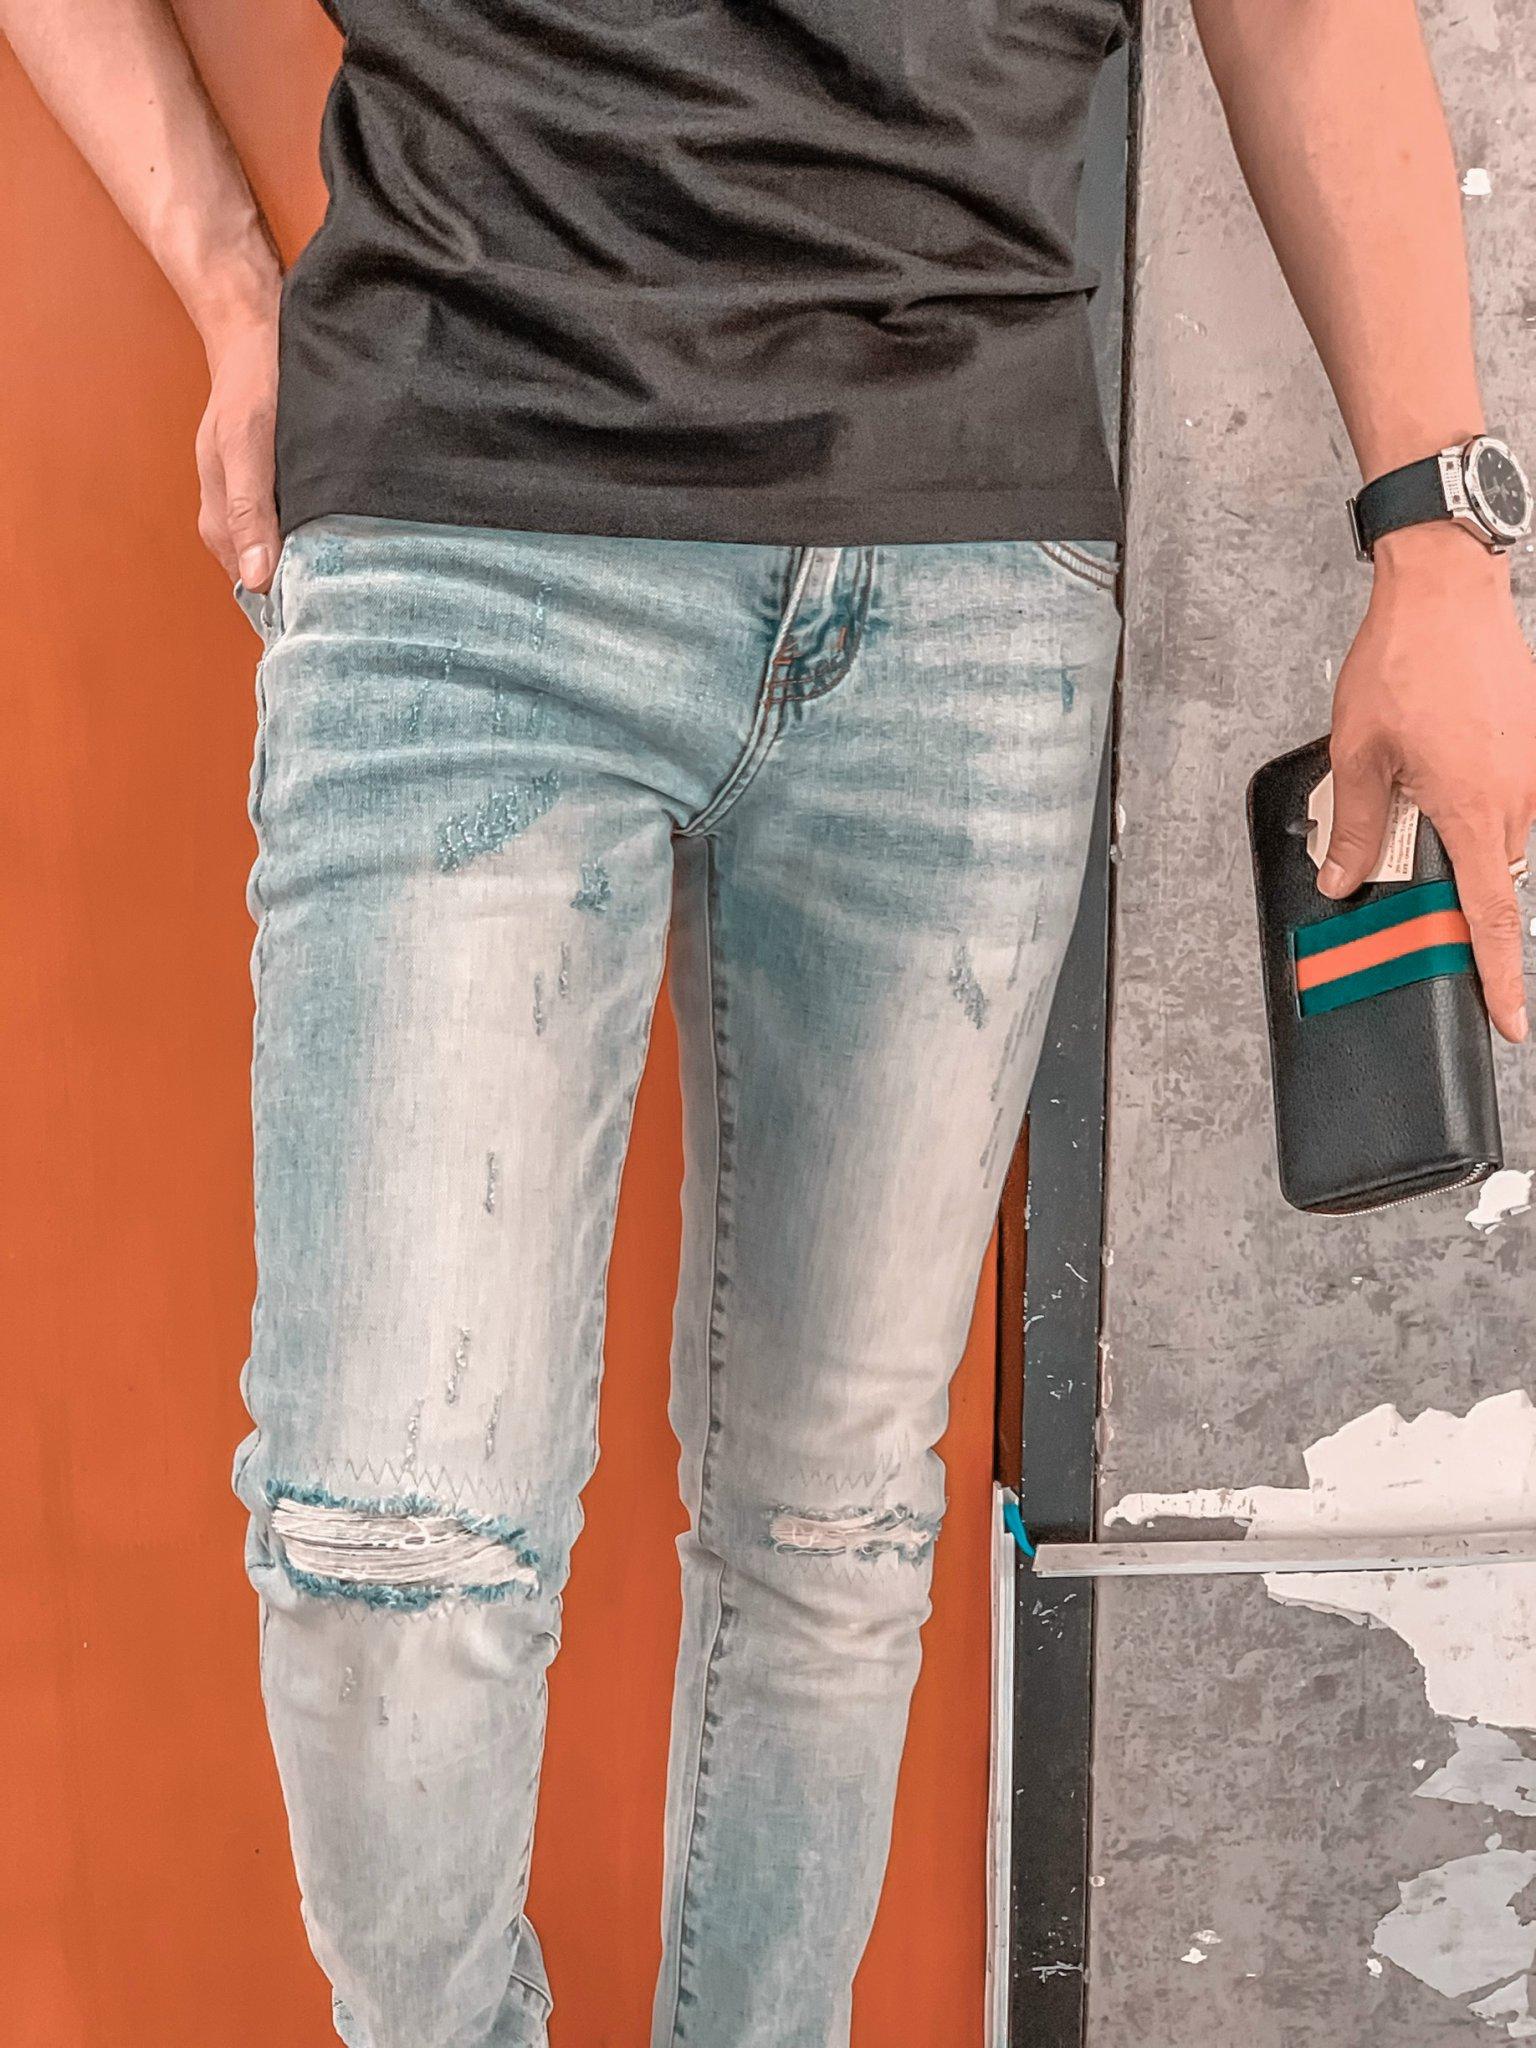 quan-jeans-nam-jaen-thom-brown-sieu-ca-p-ha-ng-mo-i-ve-ma-u-don-gia-n-de-pho-i-d